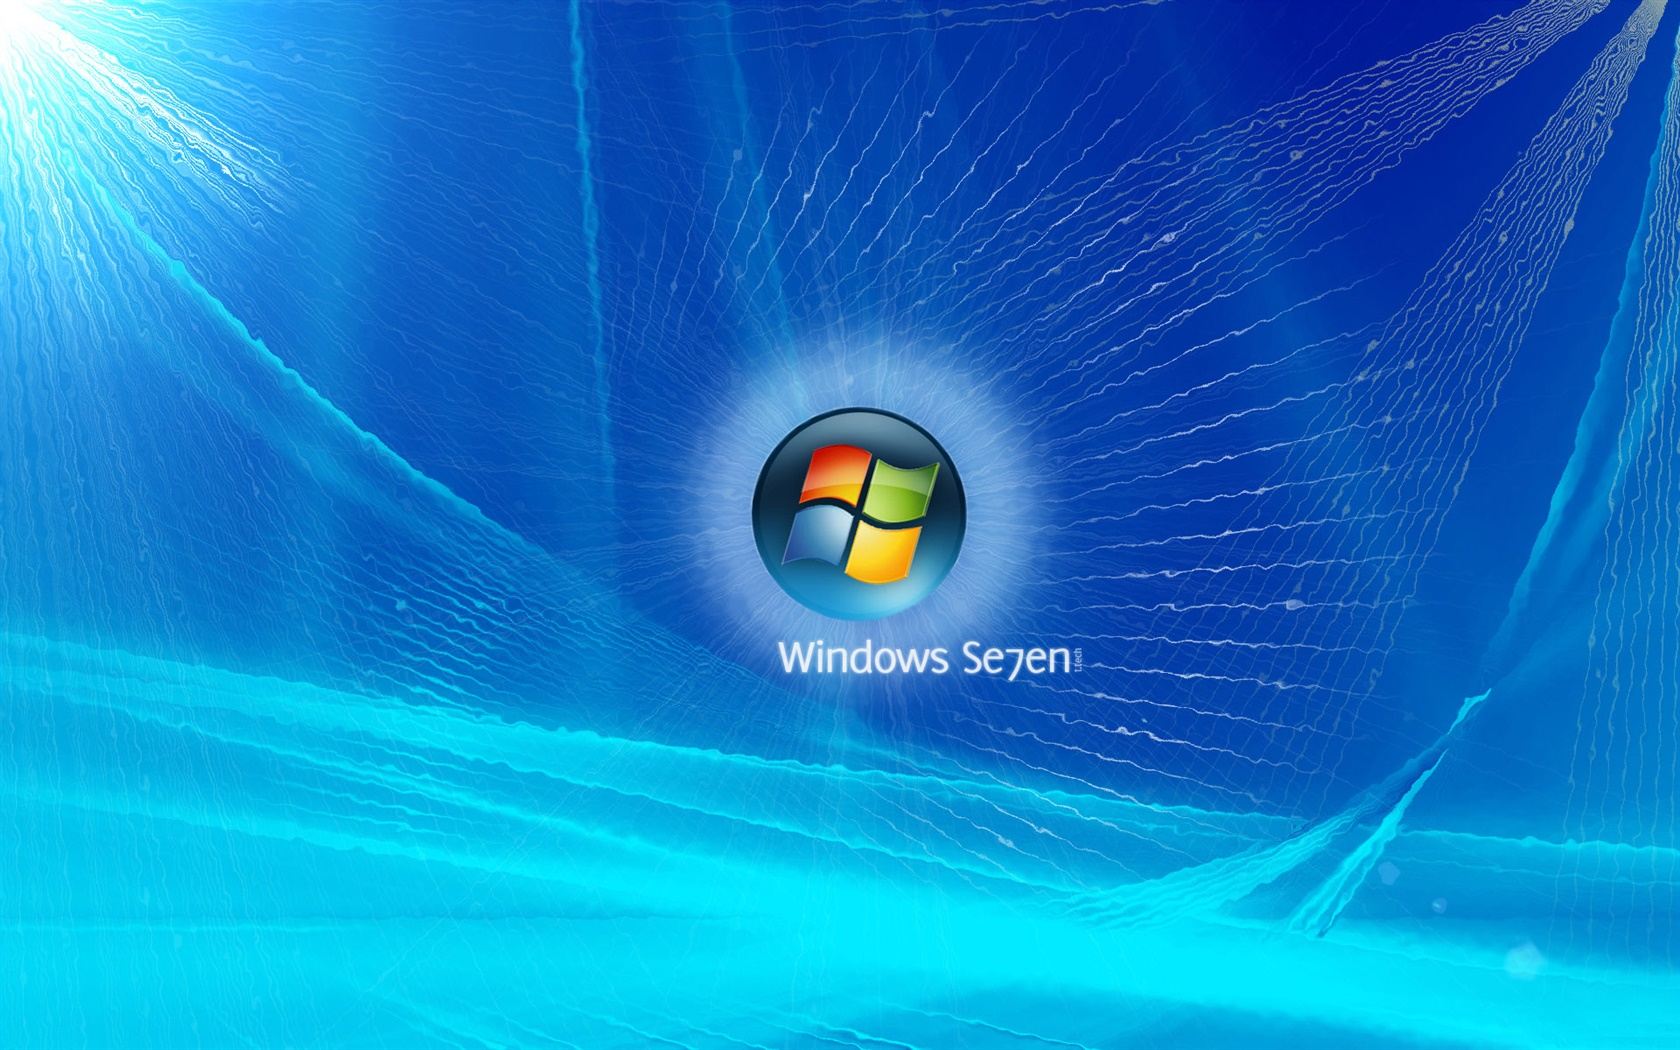 Windows 7の ブルーソニック デスクトップの壁紙 1680x1050 壁紙をダウンロード Ja Hdwall365 Com